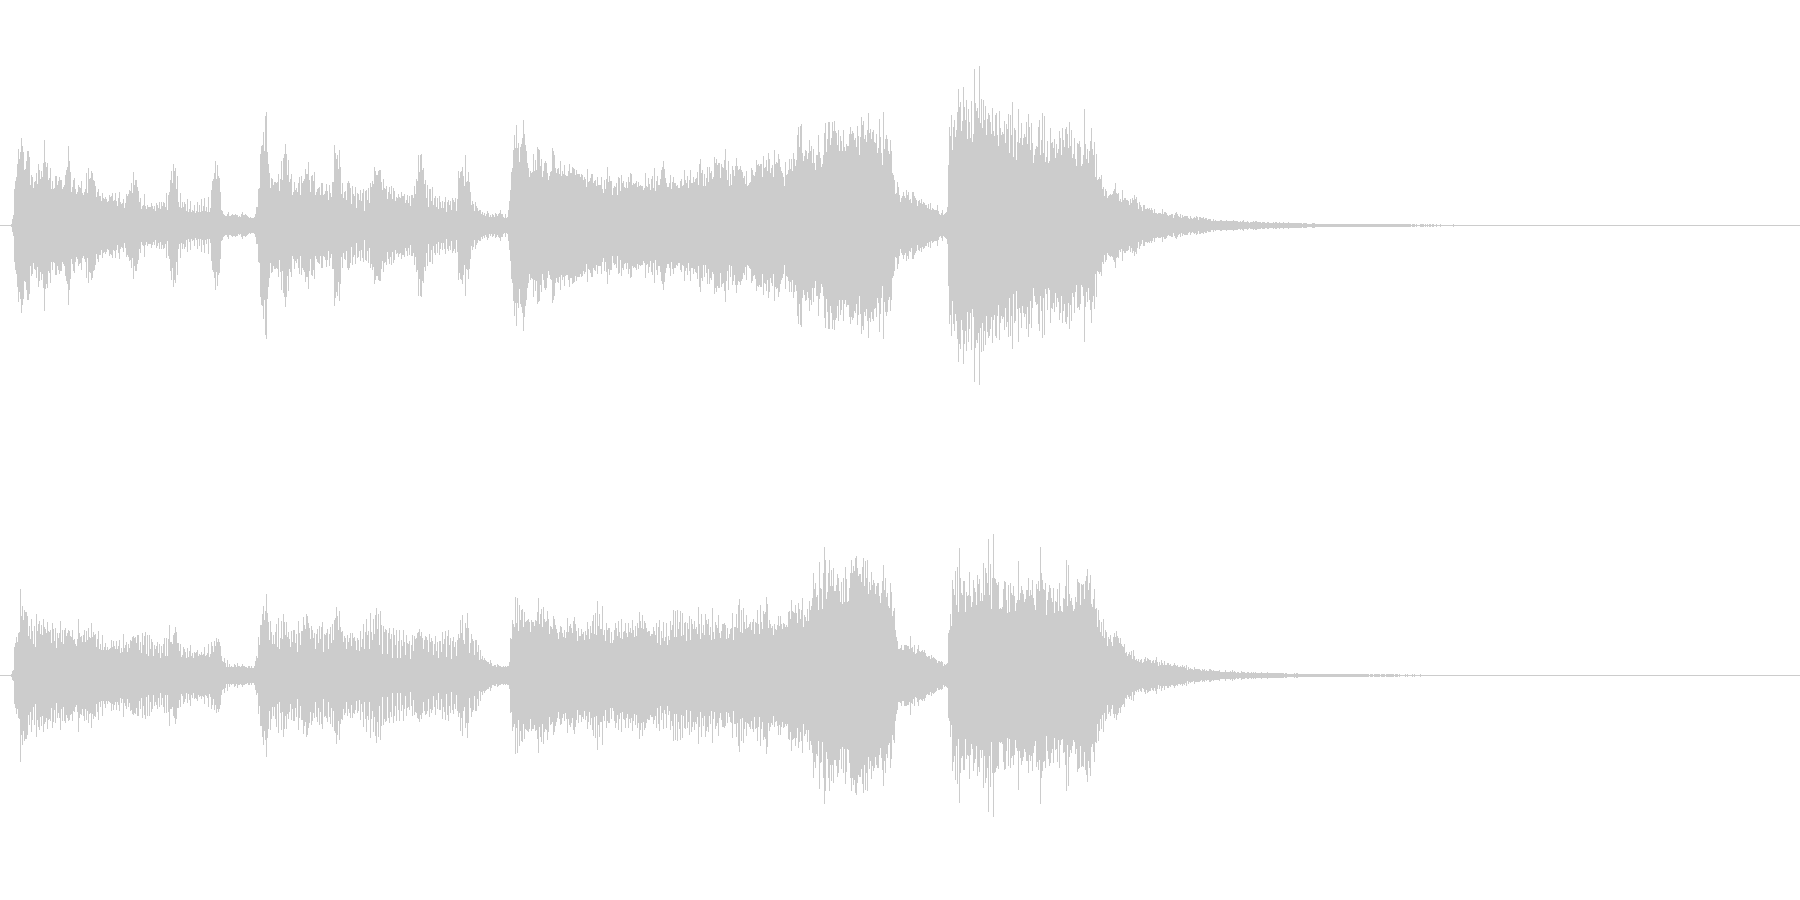 金管楽器のファンファーレ~賞発表などにの未再生の波形